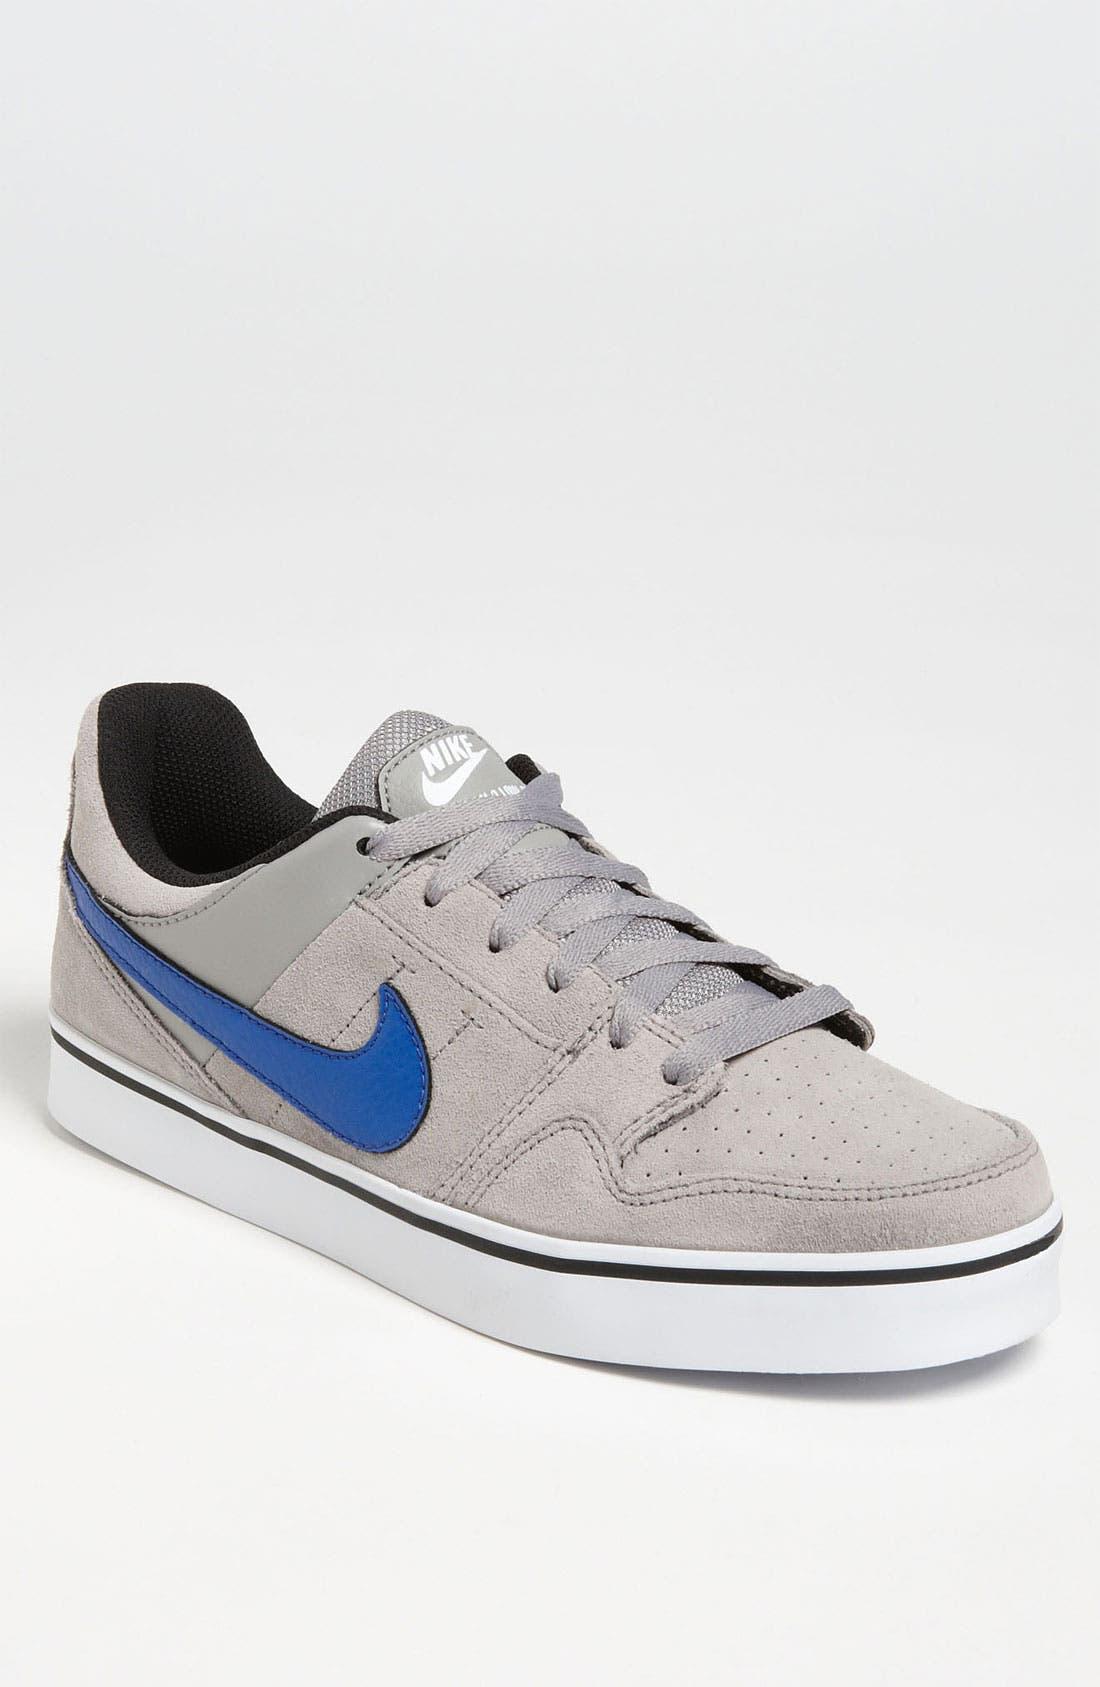 Alternate Image 1 Selected - Nike 'Mogan 2 SE' Sneaker (Men)